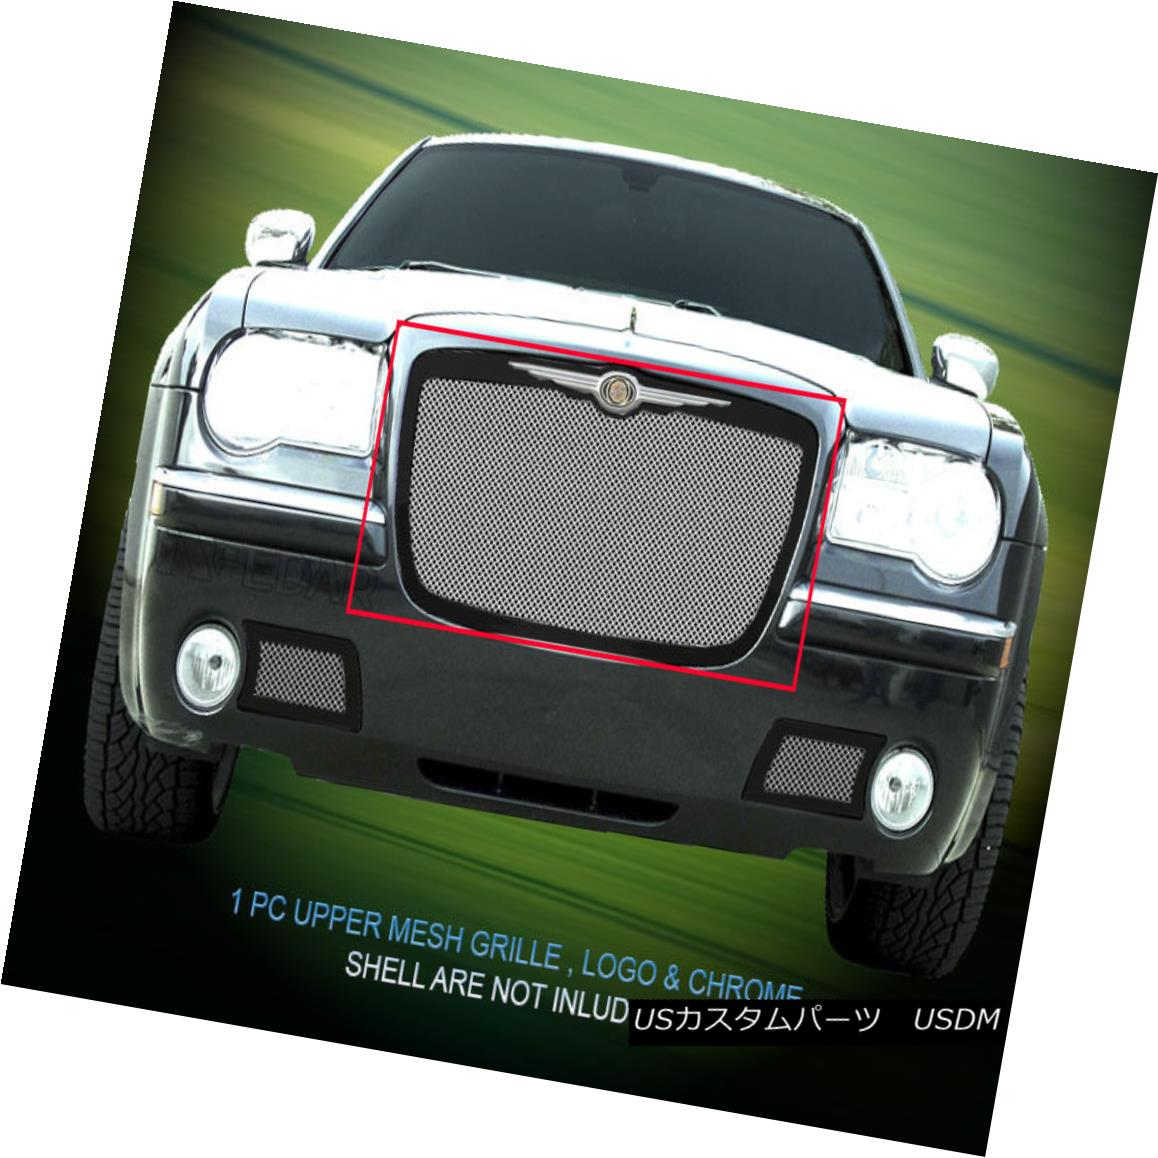 グリル Fedar Fits 2005-2010 Chrysler 300/300C Polished Wire Mesh Grille Insert Fedarは2005-2010 Chrysler 300 / 300Cポリッシュワイヤメッシュグリルインサートに適合